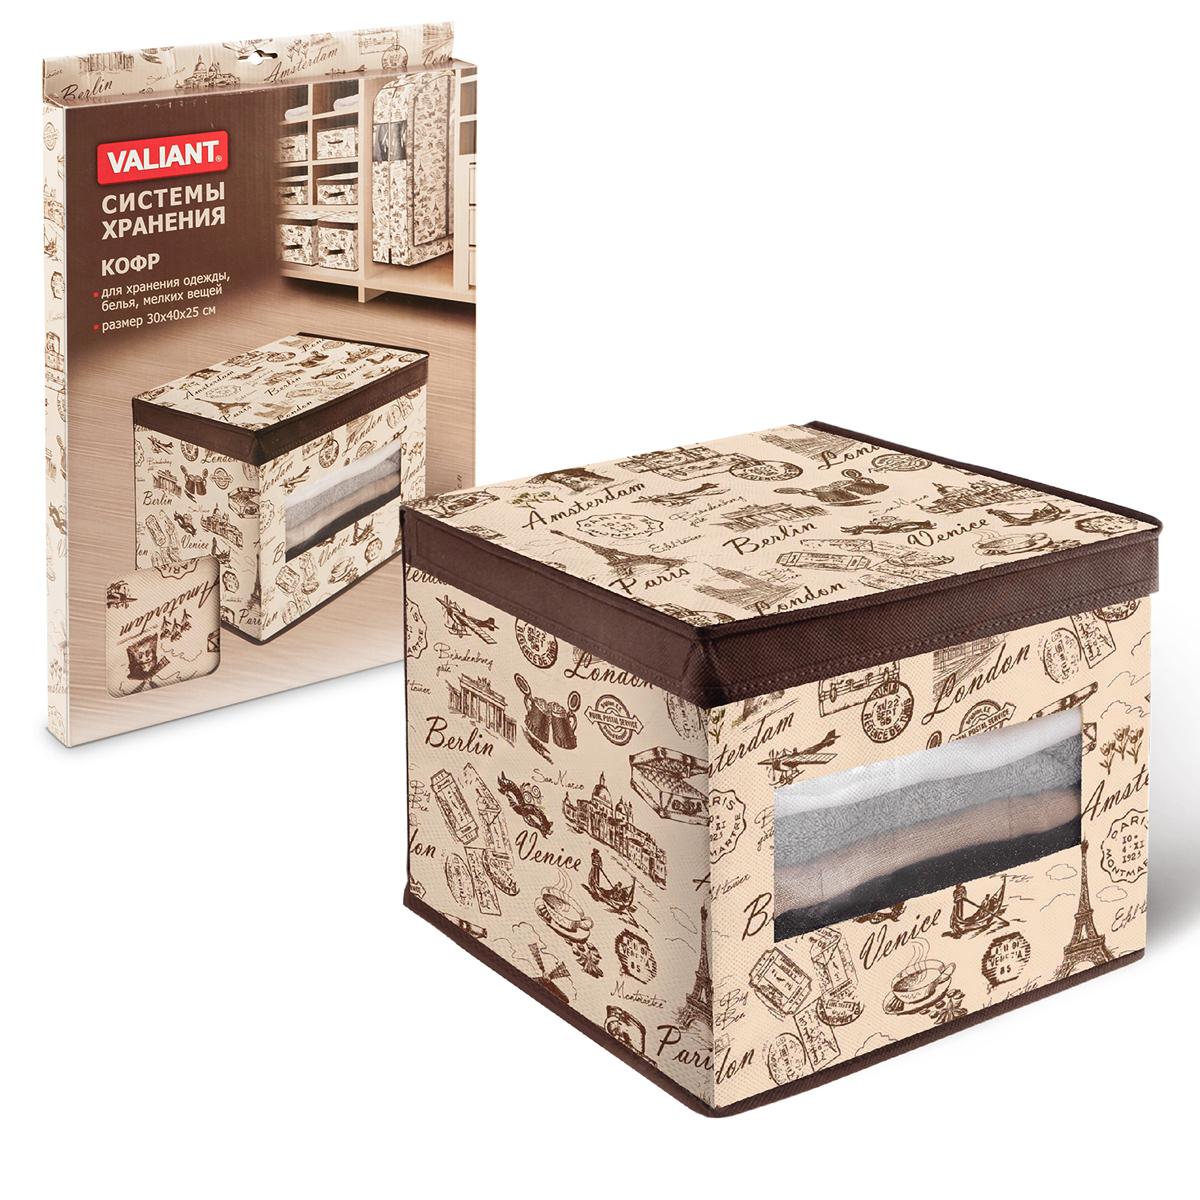 Кофр для хранения Valiant Travelling, с окошком, 30 см х 40 см х 25 см коробки для хранения valiant кофр travelling photos 2 шт